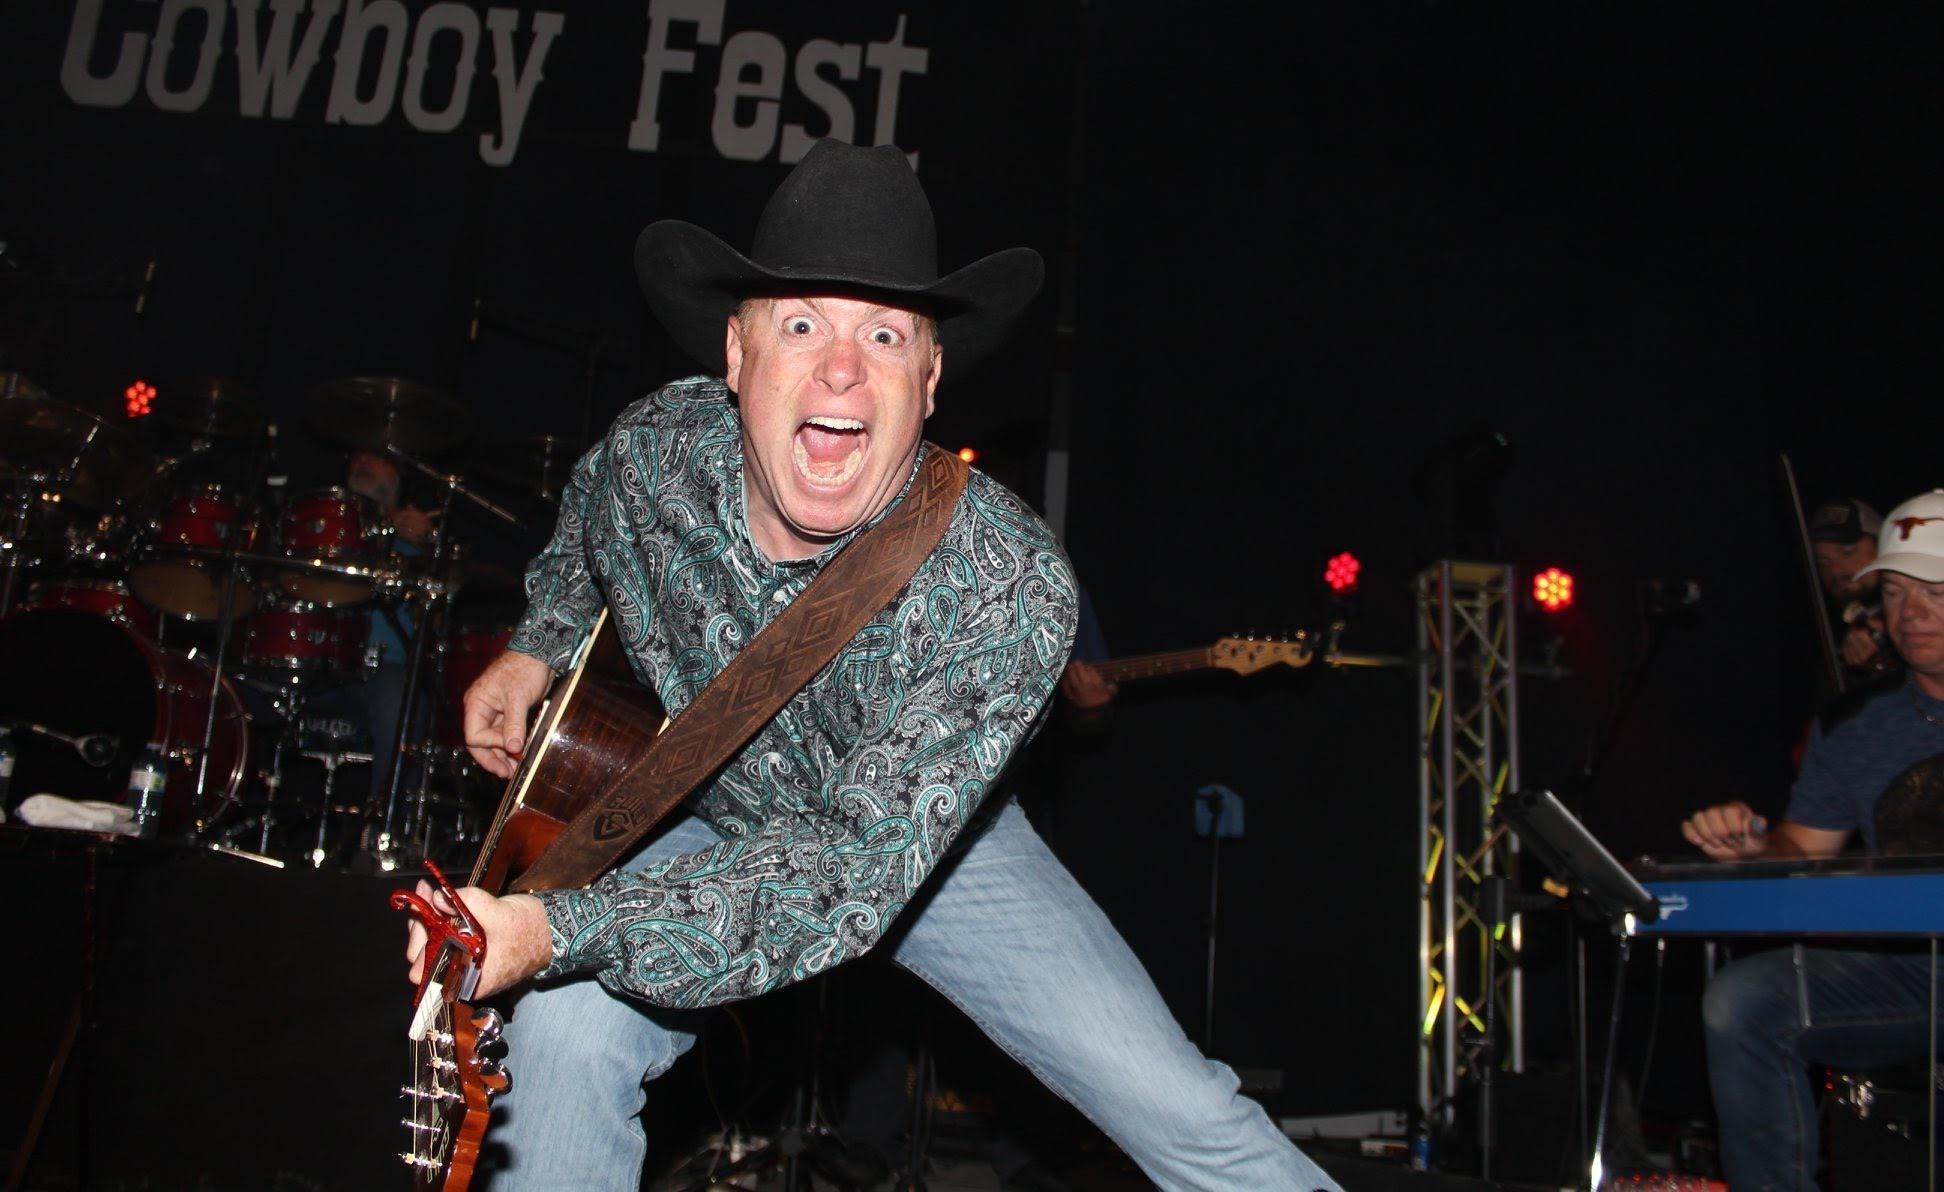 CowboyFest Berthierville